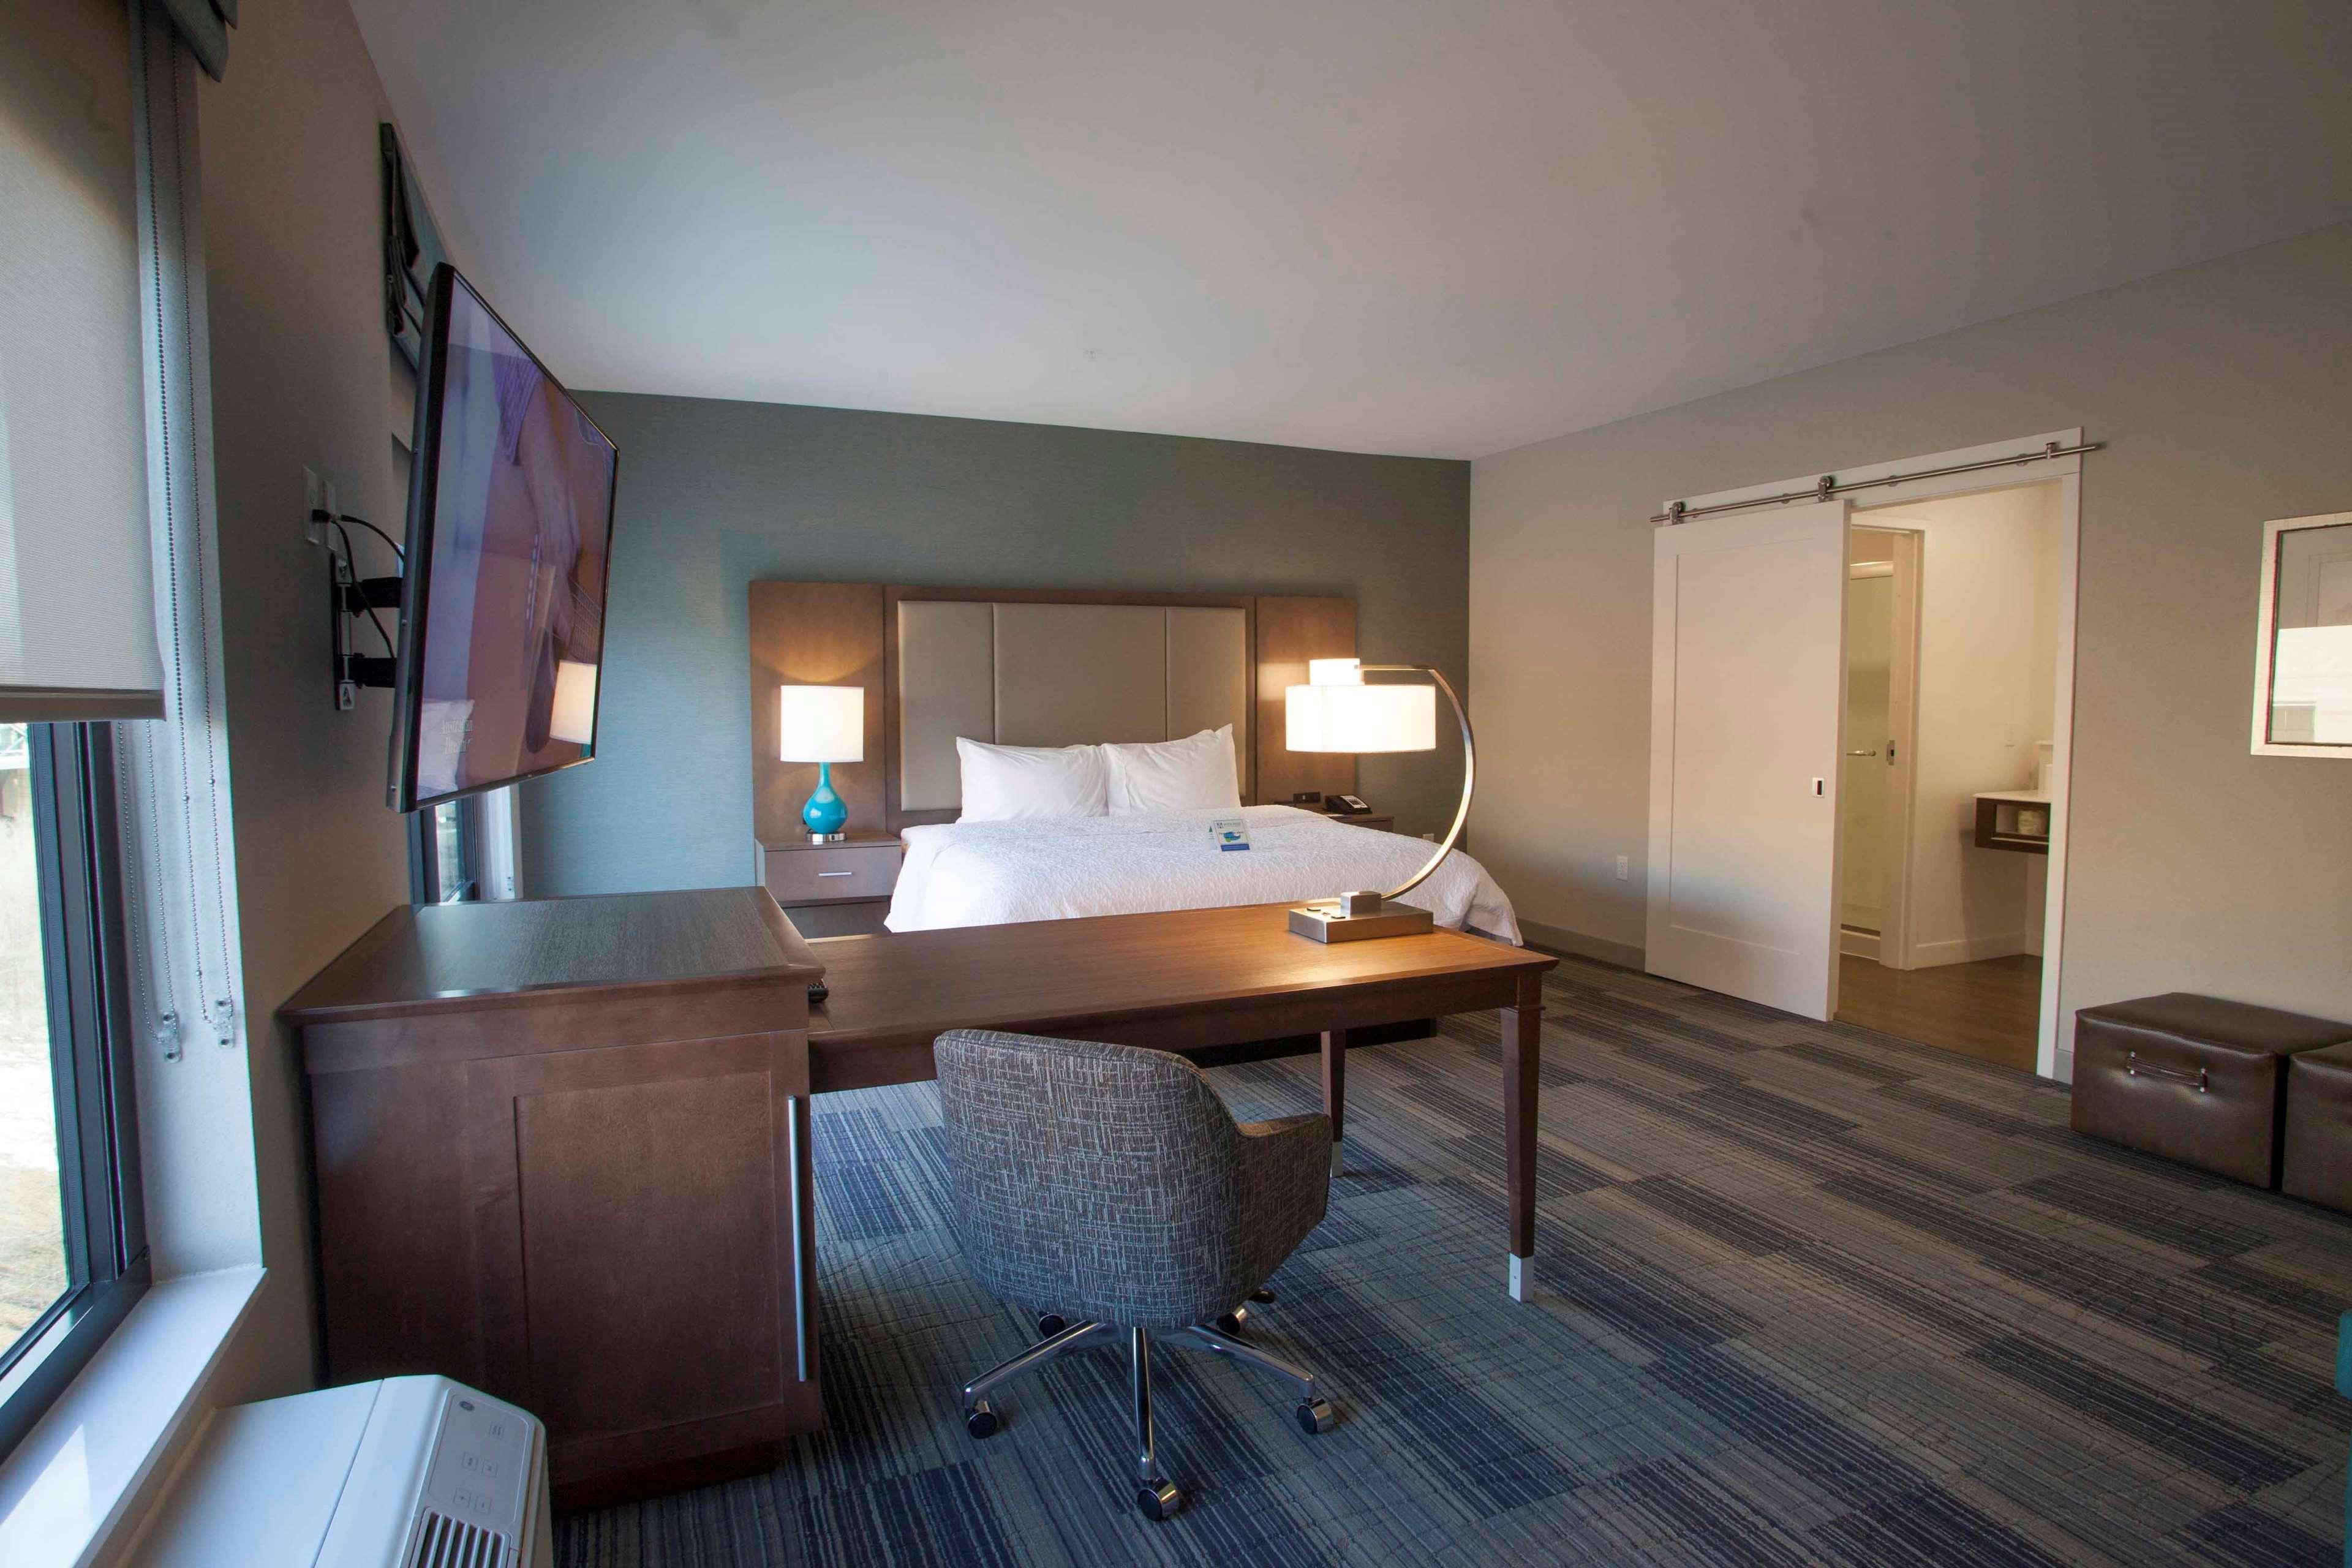 Hampton Inn & Suites Downtown St. Paul image 36